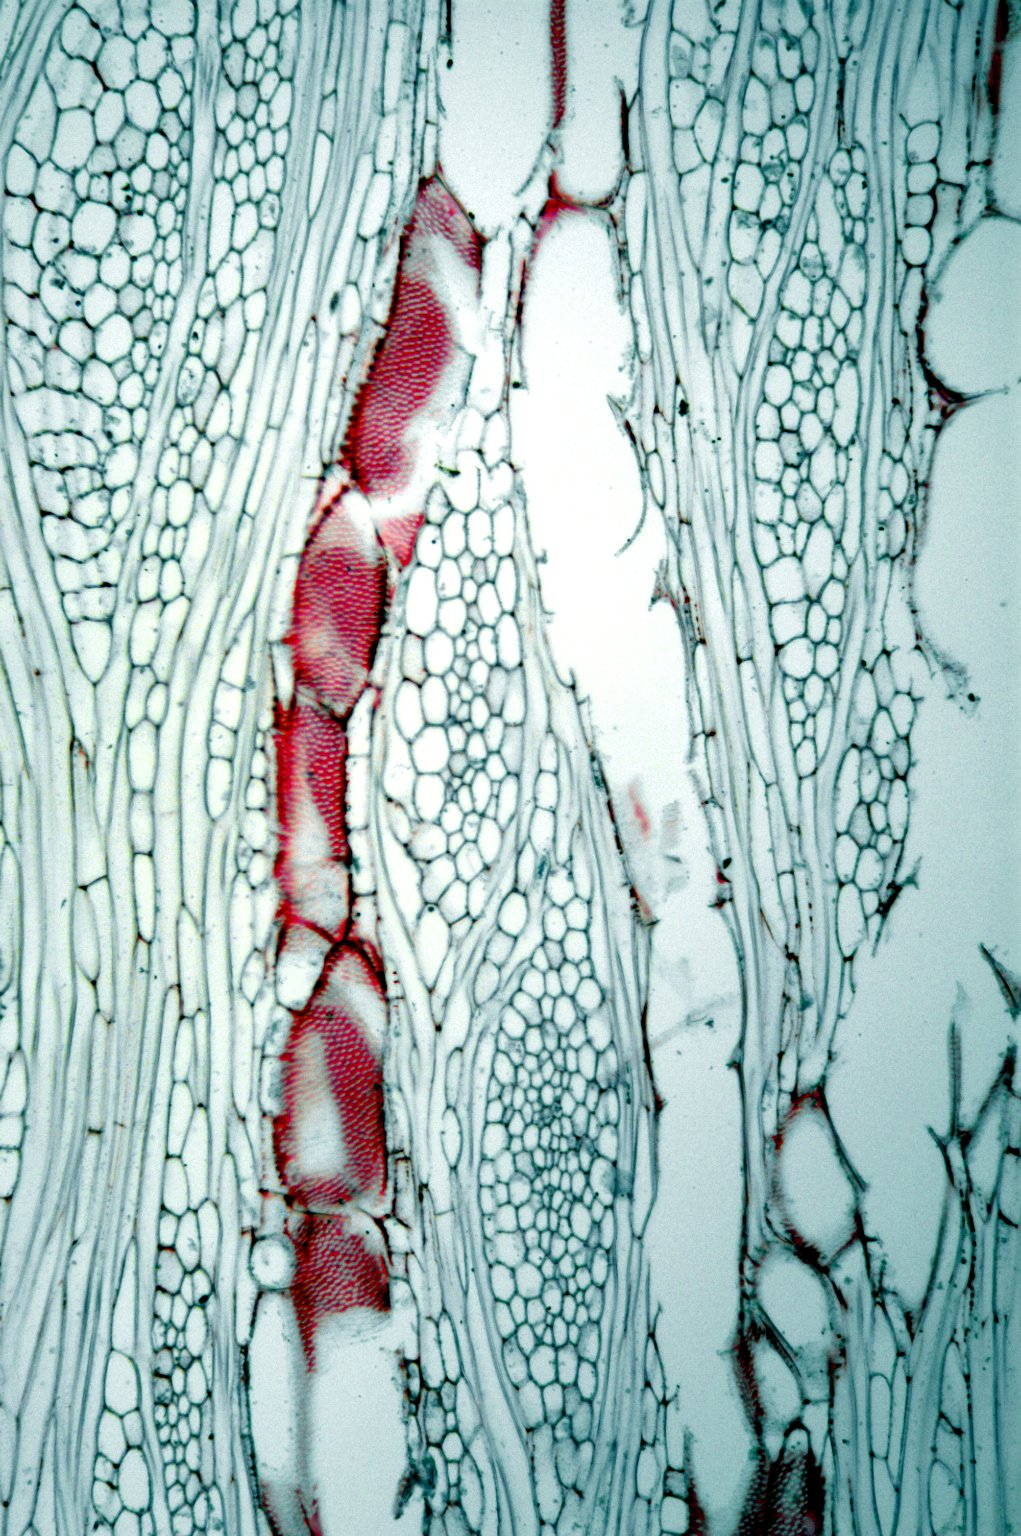 MALVACEAE MALVOIDEAE Hibiscus mutabilis